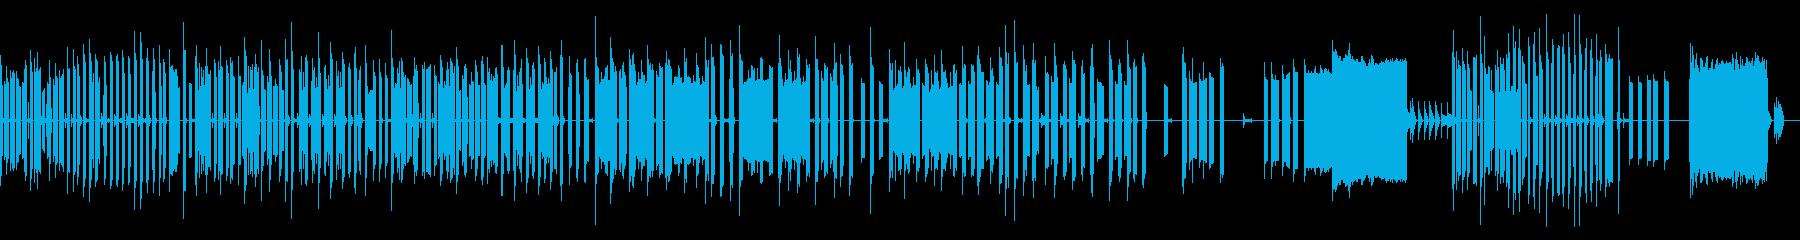 ミュージカルチックチップチューンスイングの再生済みの波形